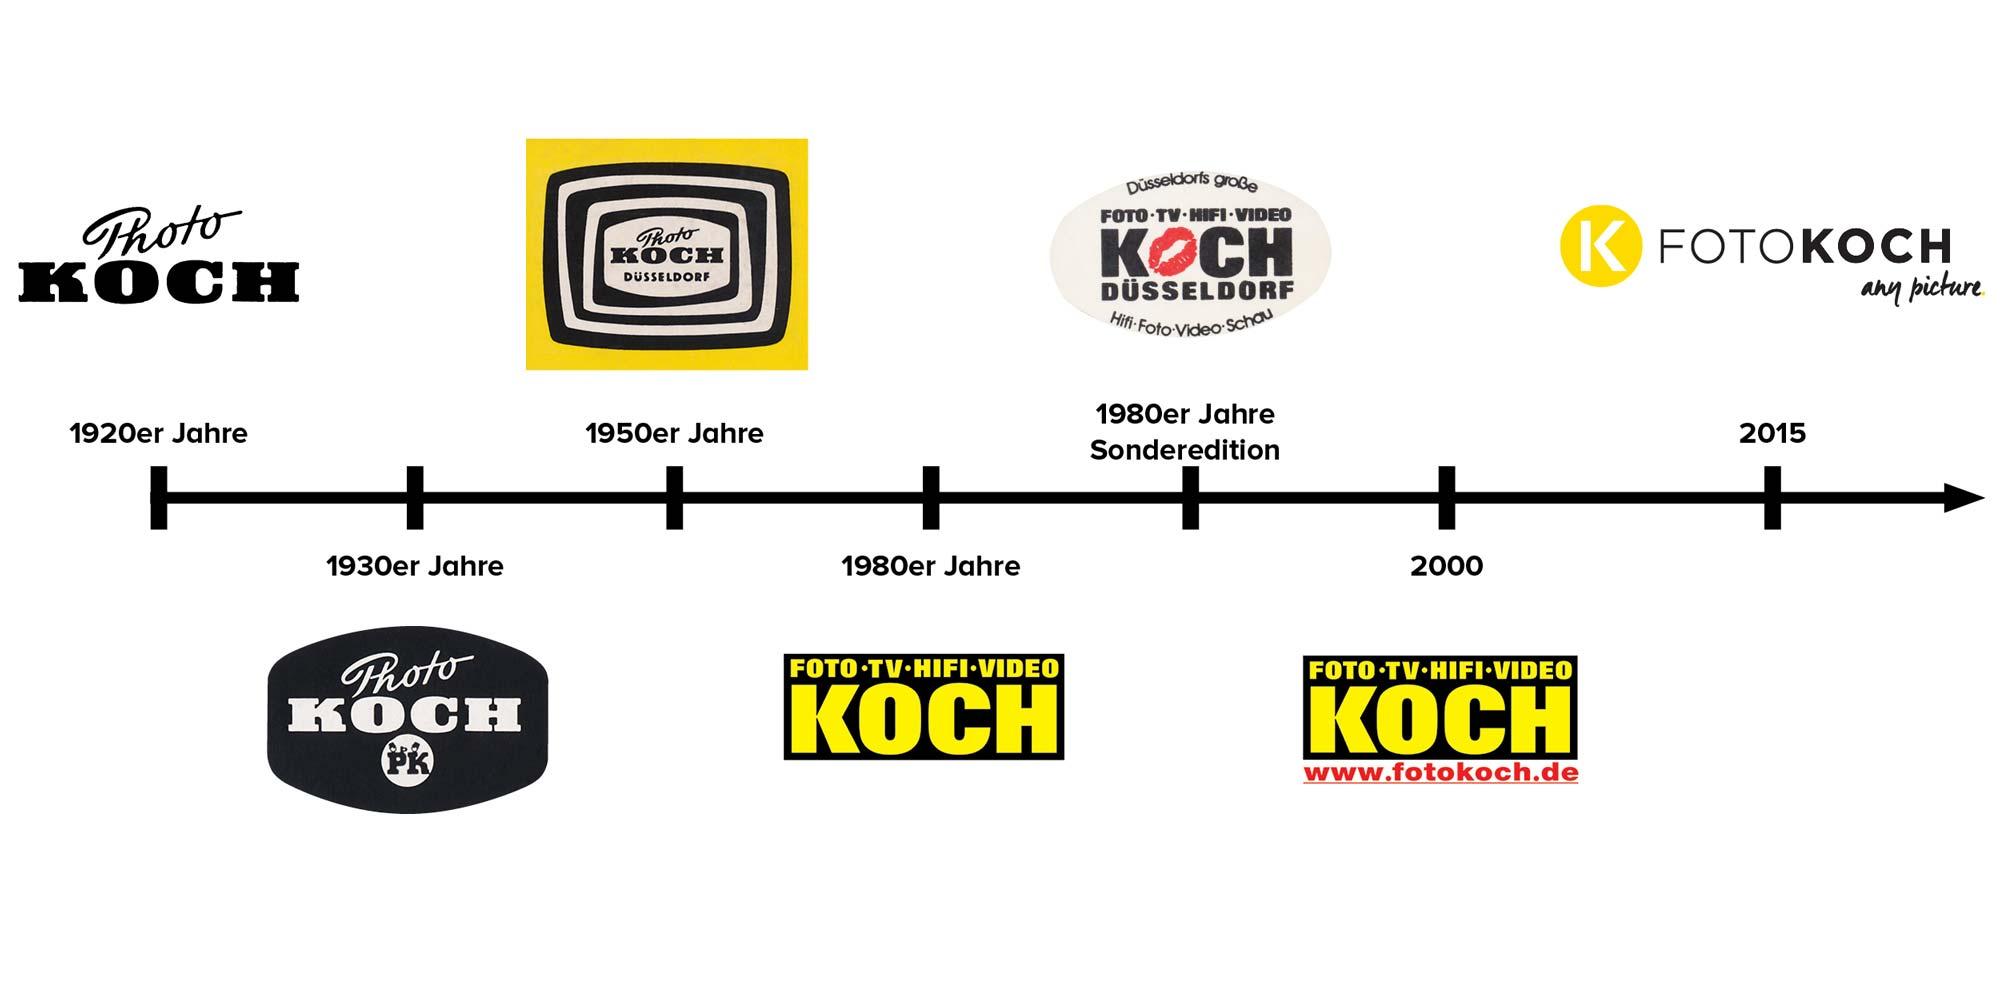 foto-koch-timeline